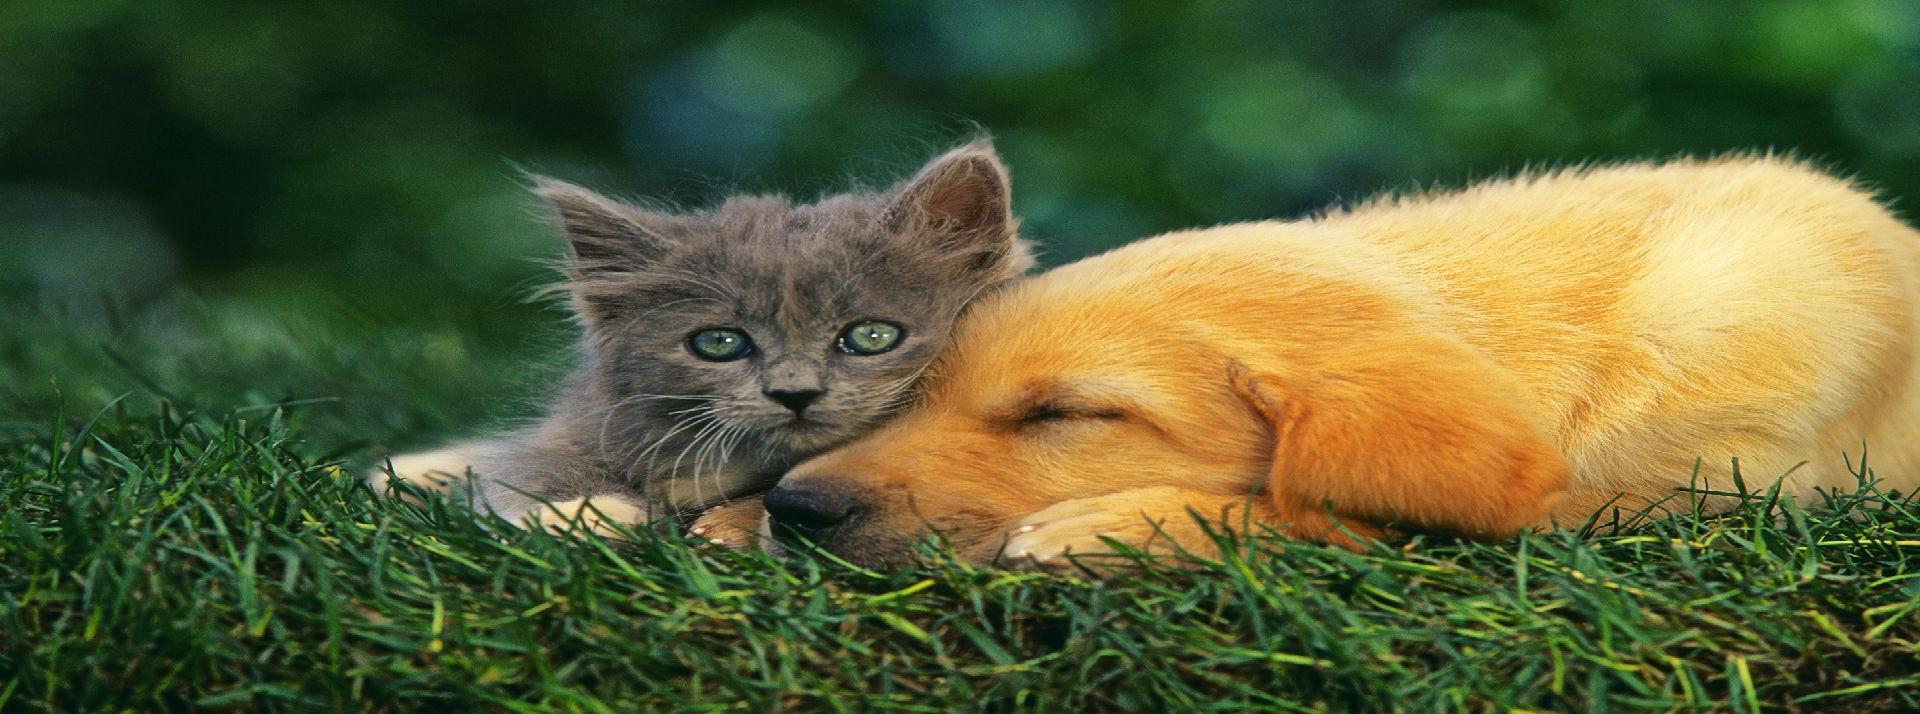 Associação Madeira Animal Welfare